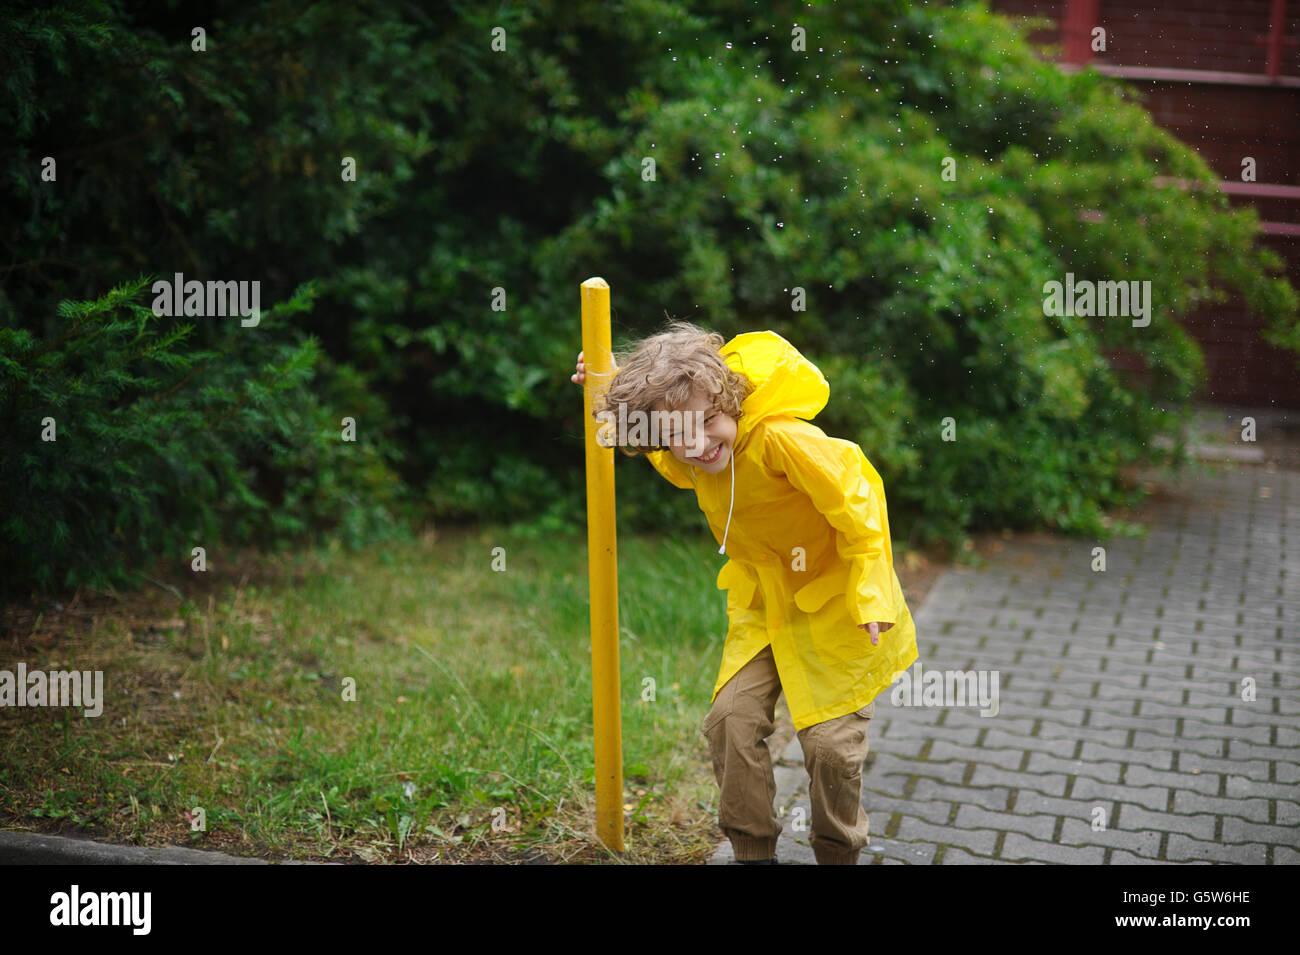 El chico en un impermeable amarillo está en la lluvia en el patio y se ríe  fuerte. Frías gotas de lluvia sobre la cabeza. El muchacho